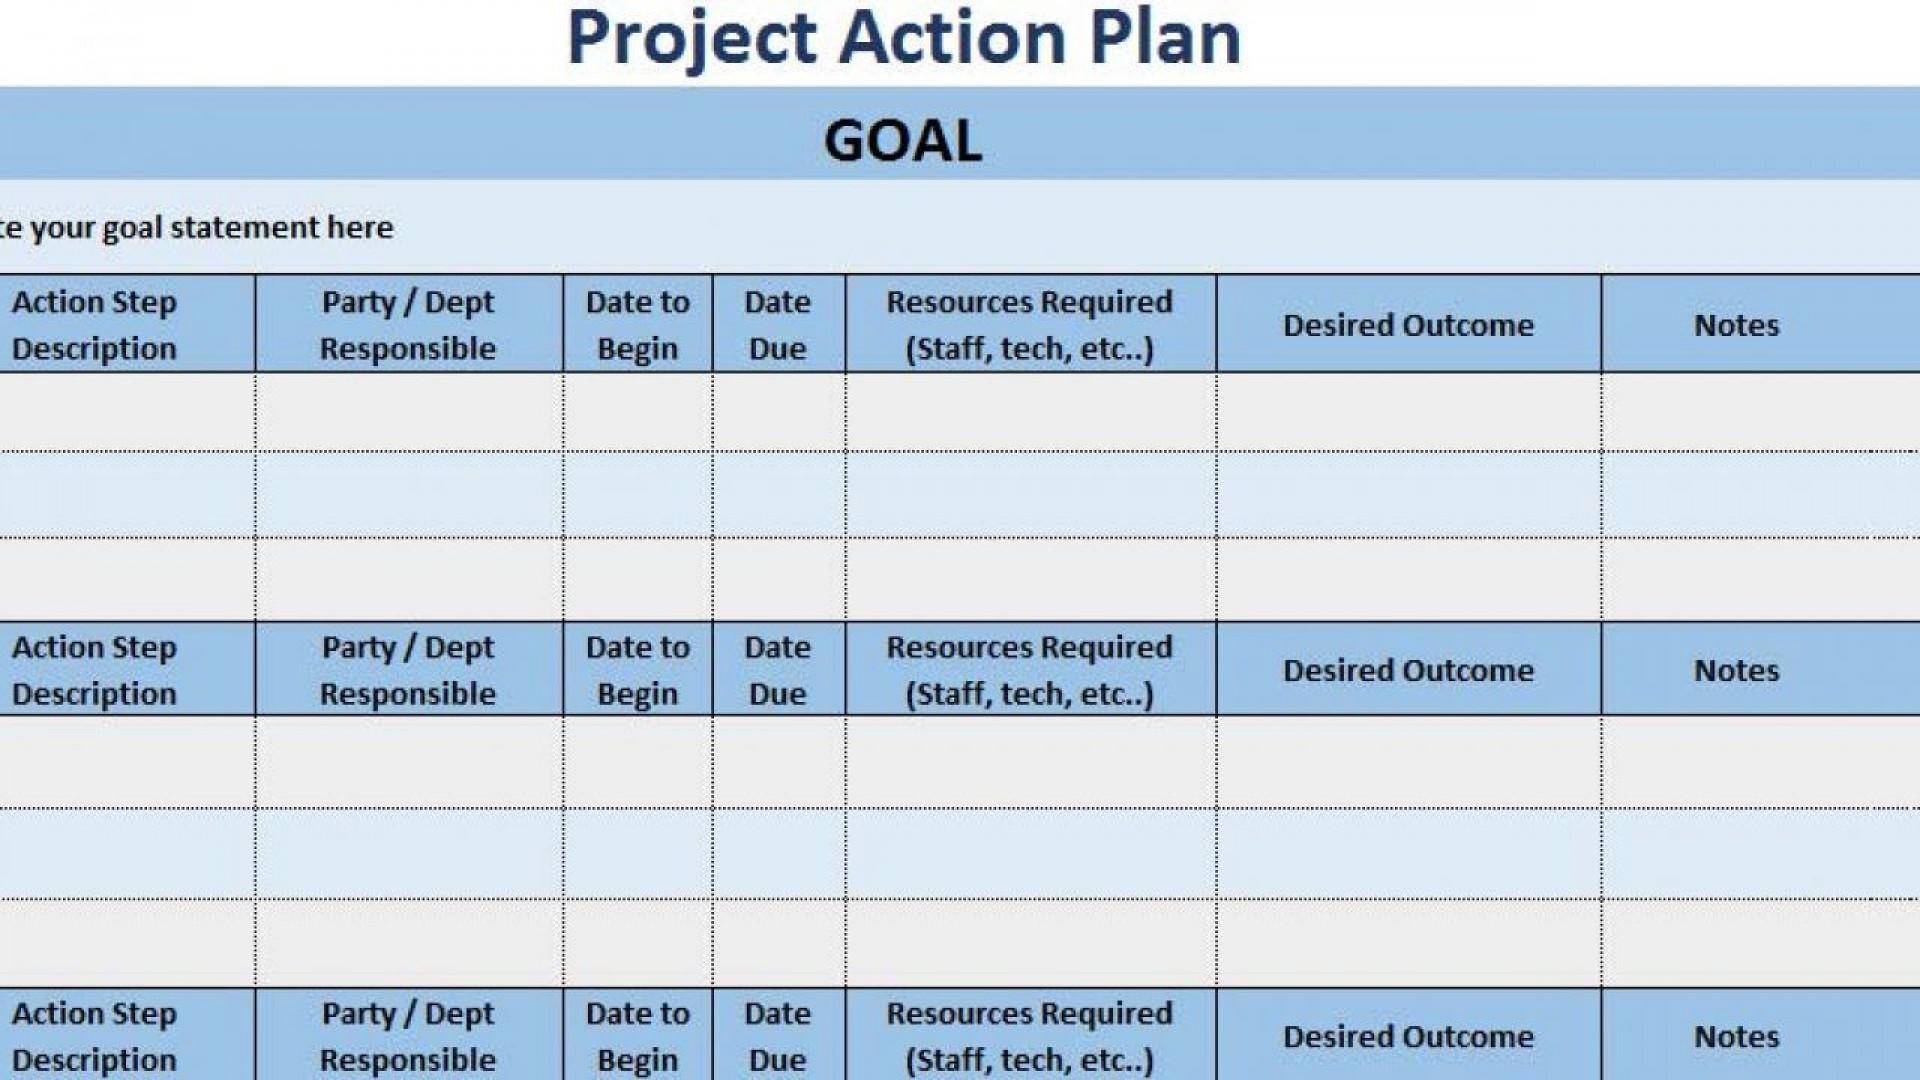 006 Unbelievable Simple Project Management Plan Template Excel Image 1920